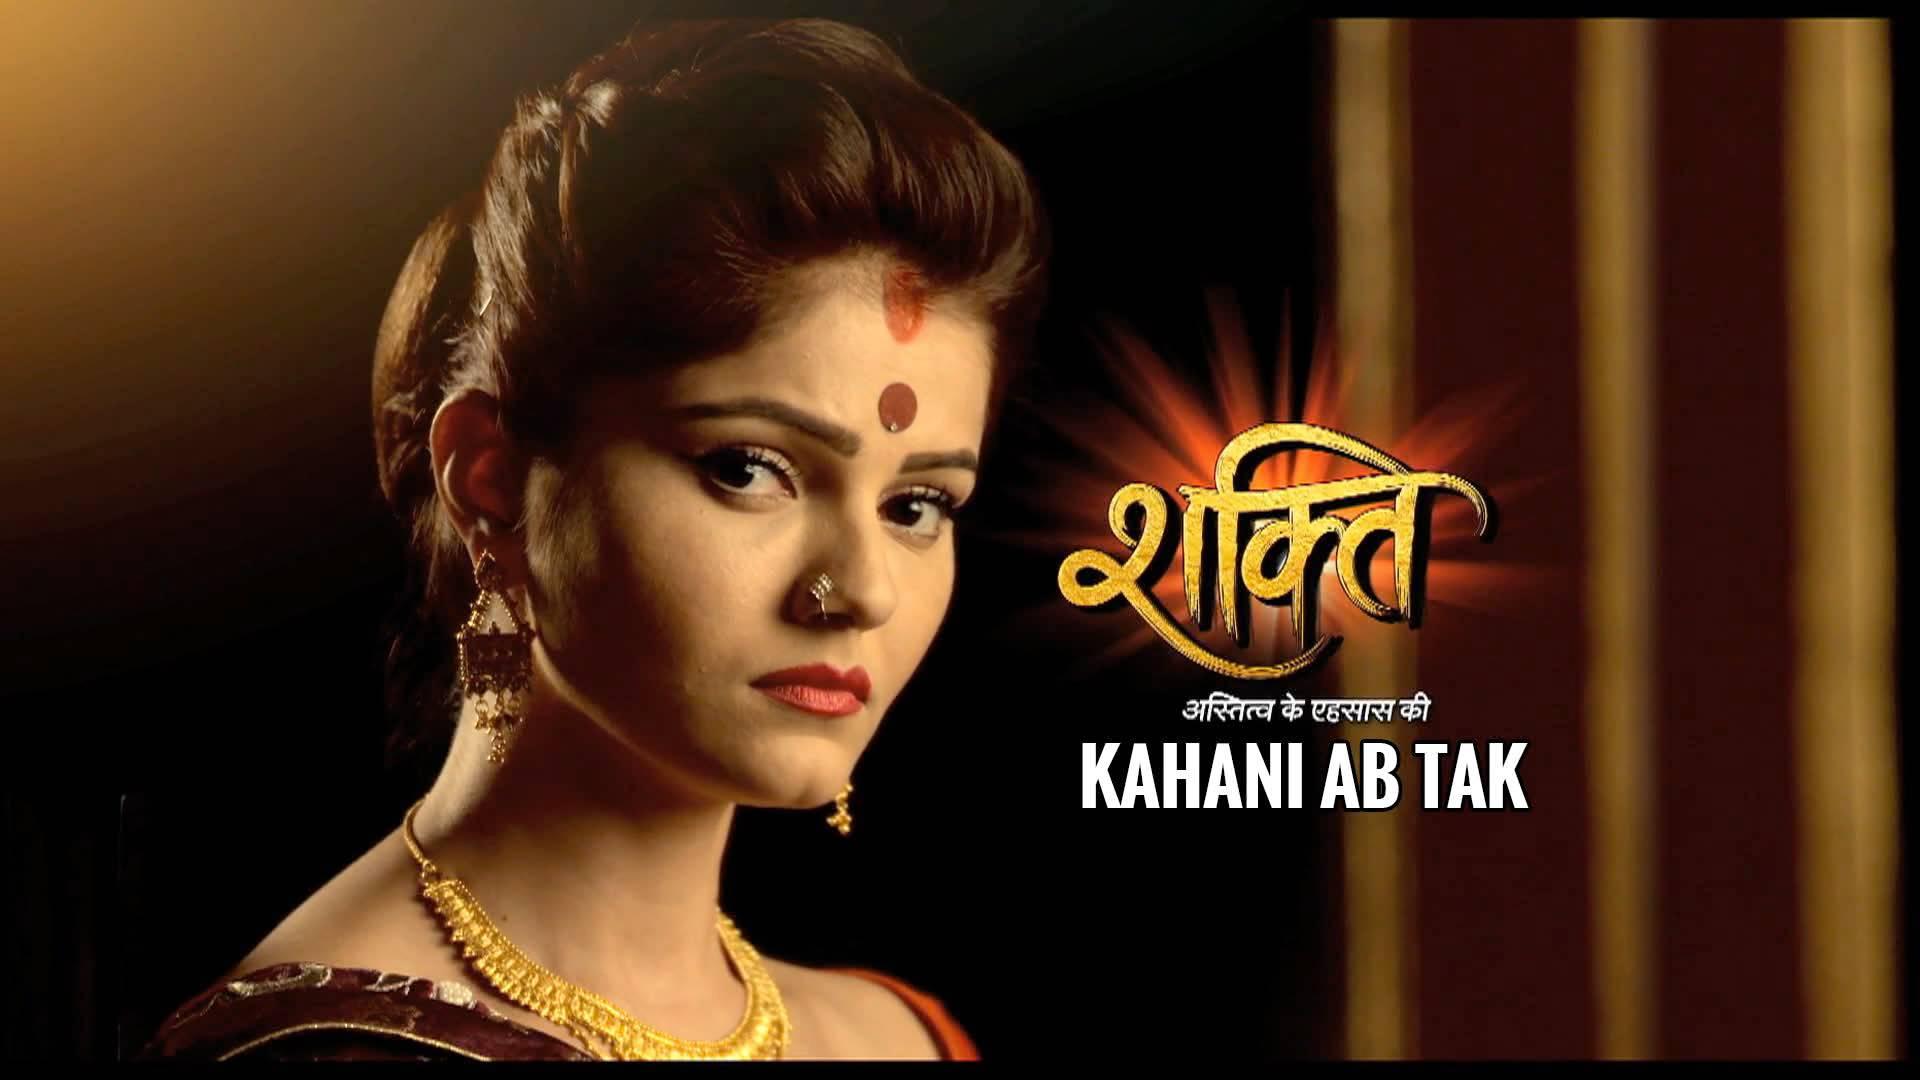 Shakti: Kahani Ab Tak